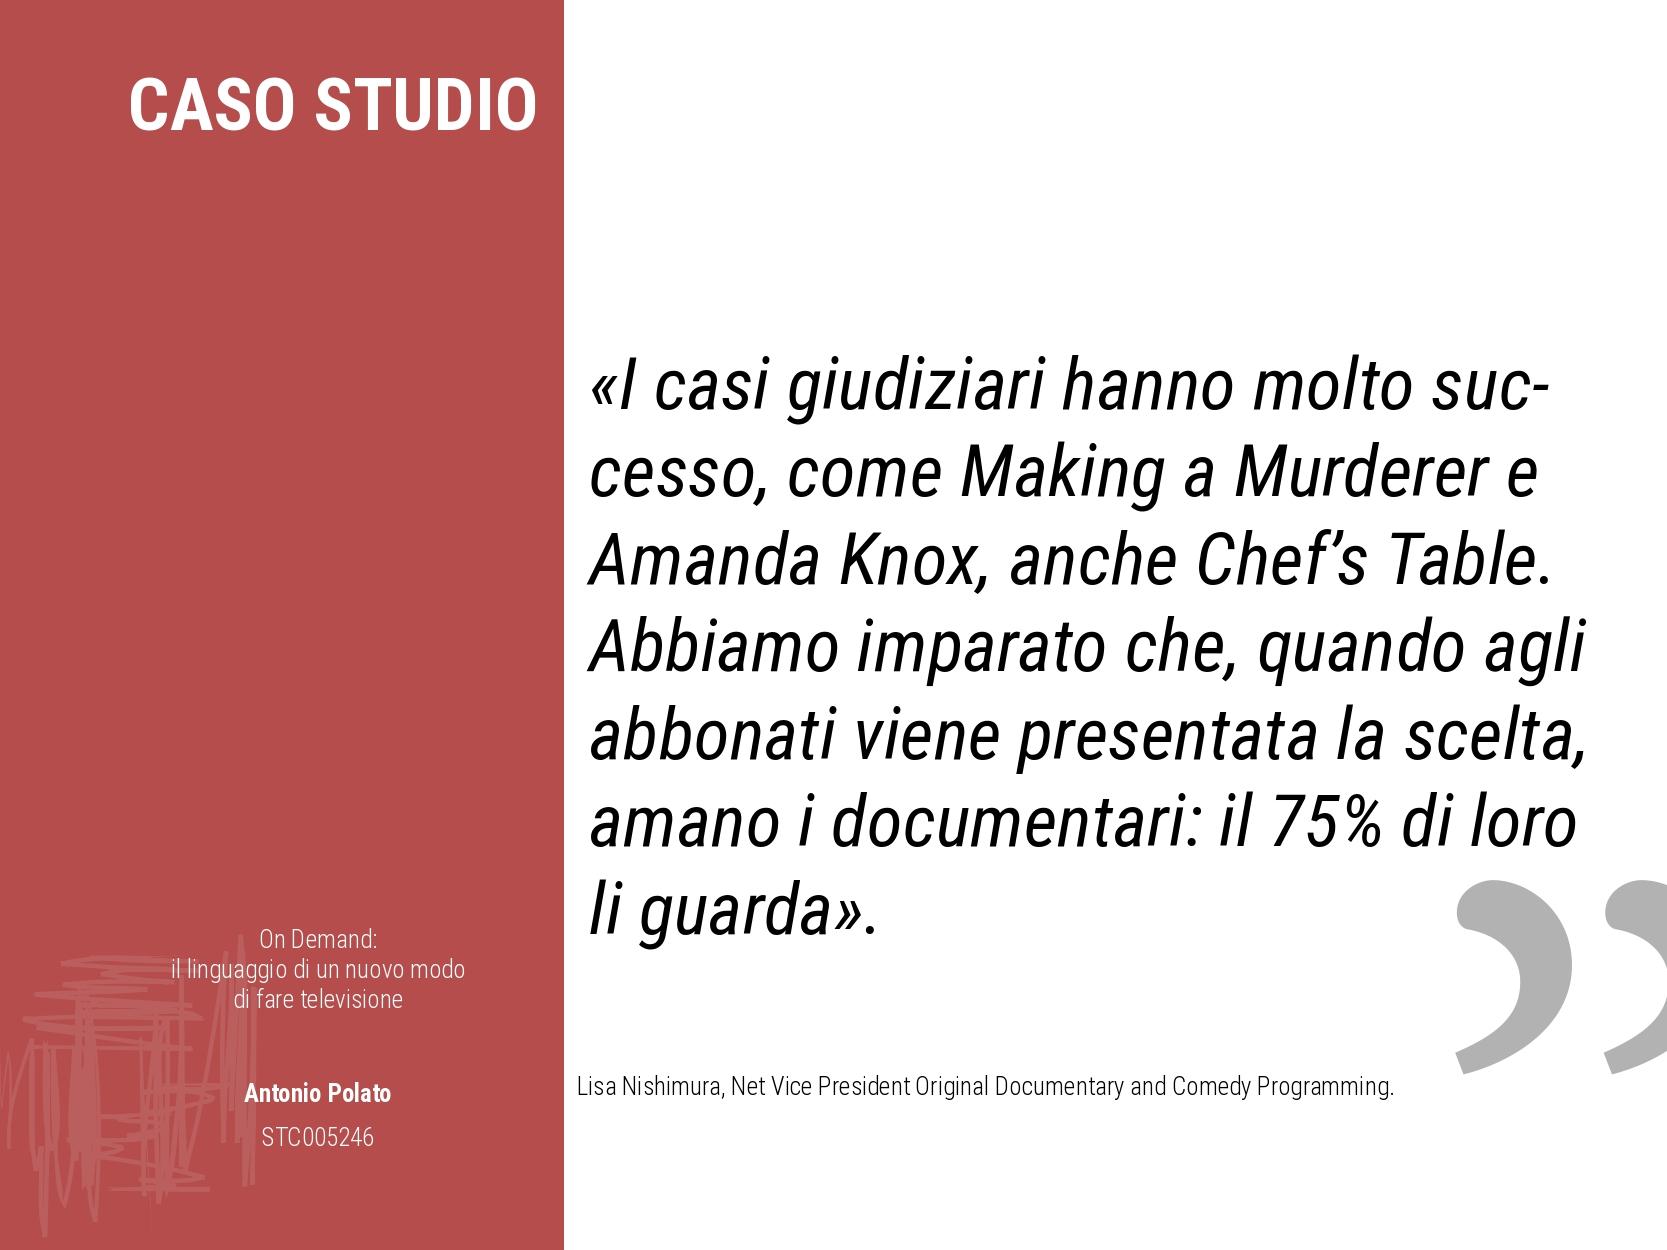 On demand il linguaggio di un nuovo modo di fare la televisione Antonio Polato documentari netflix